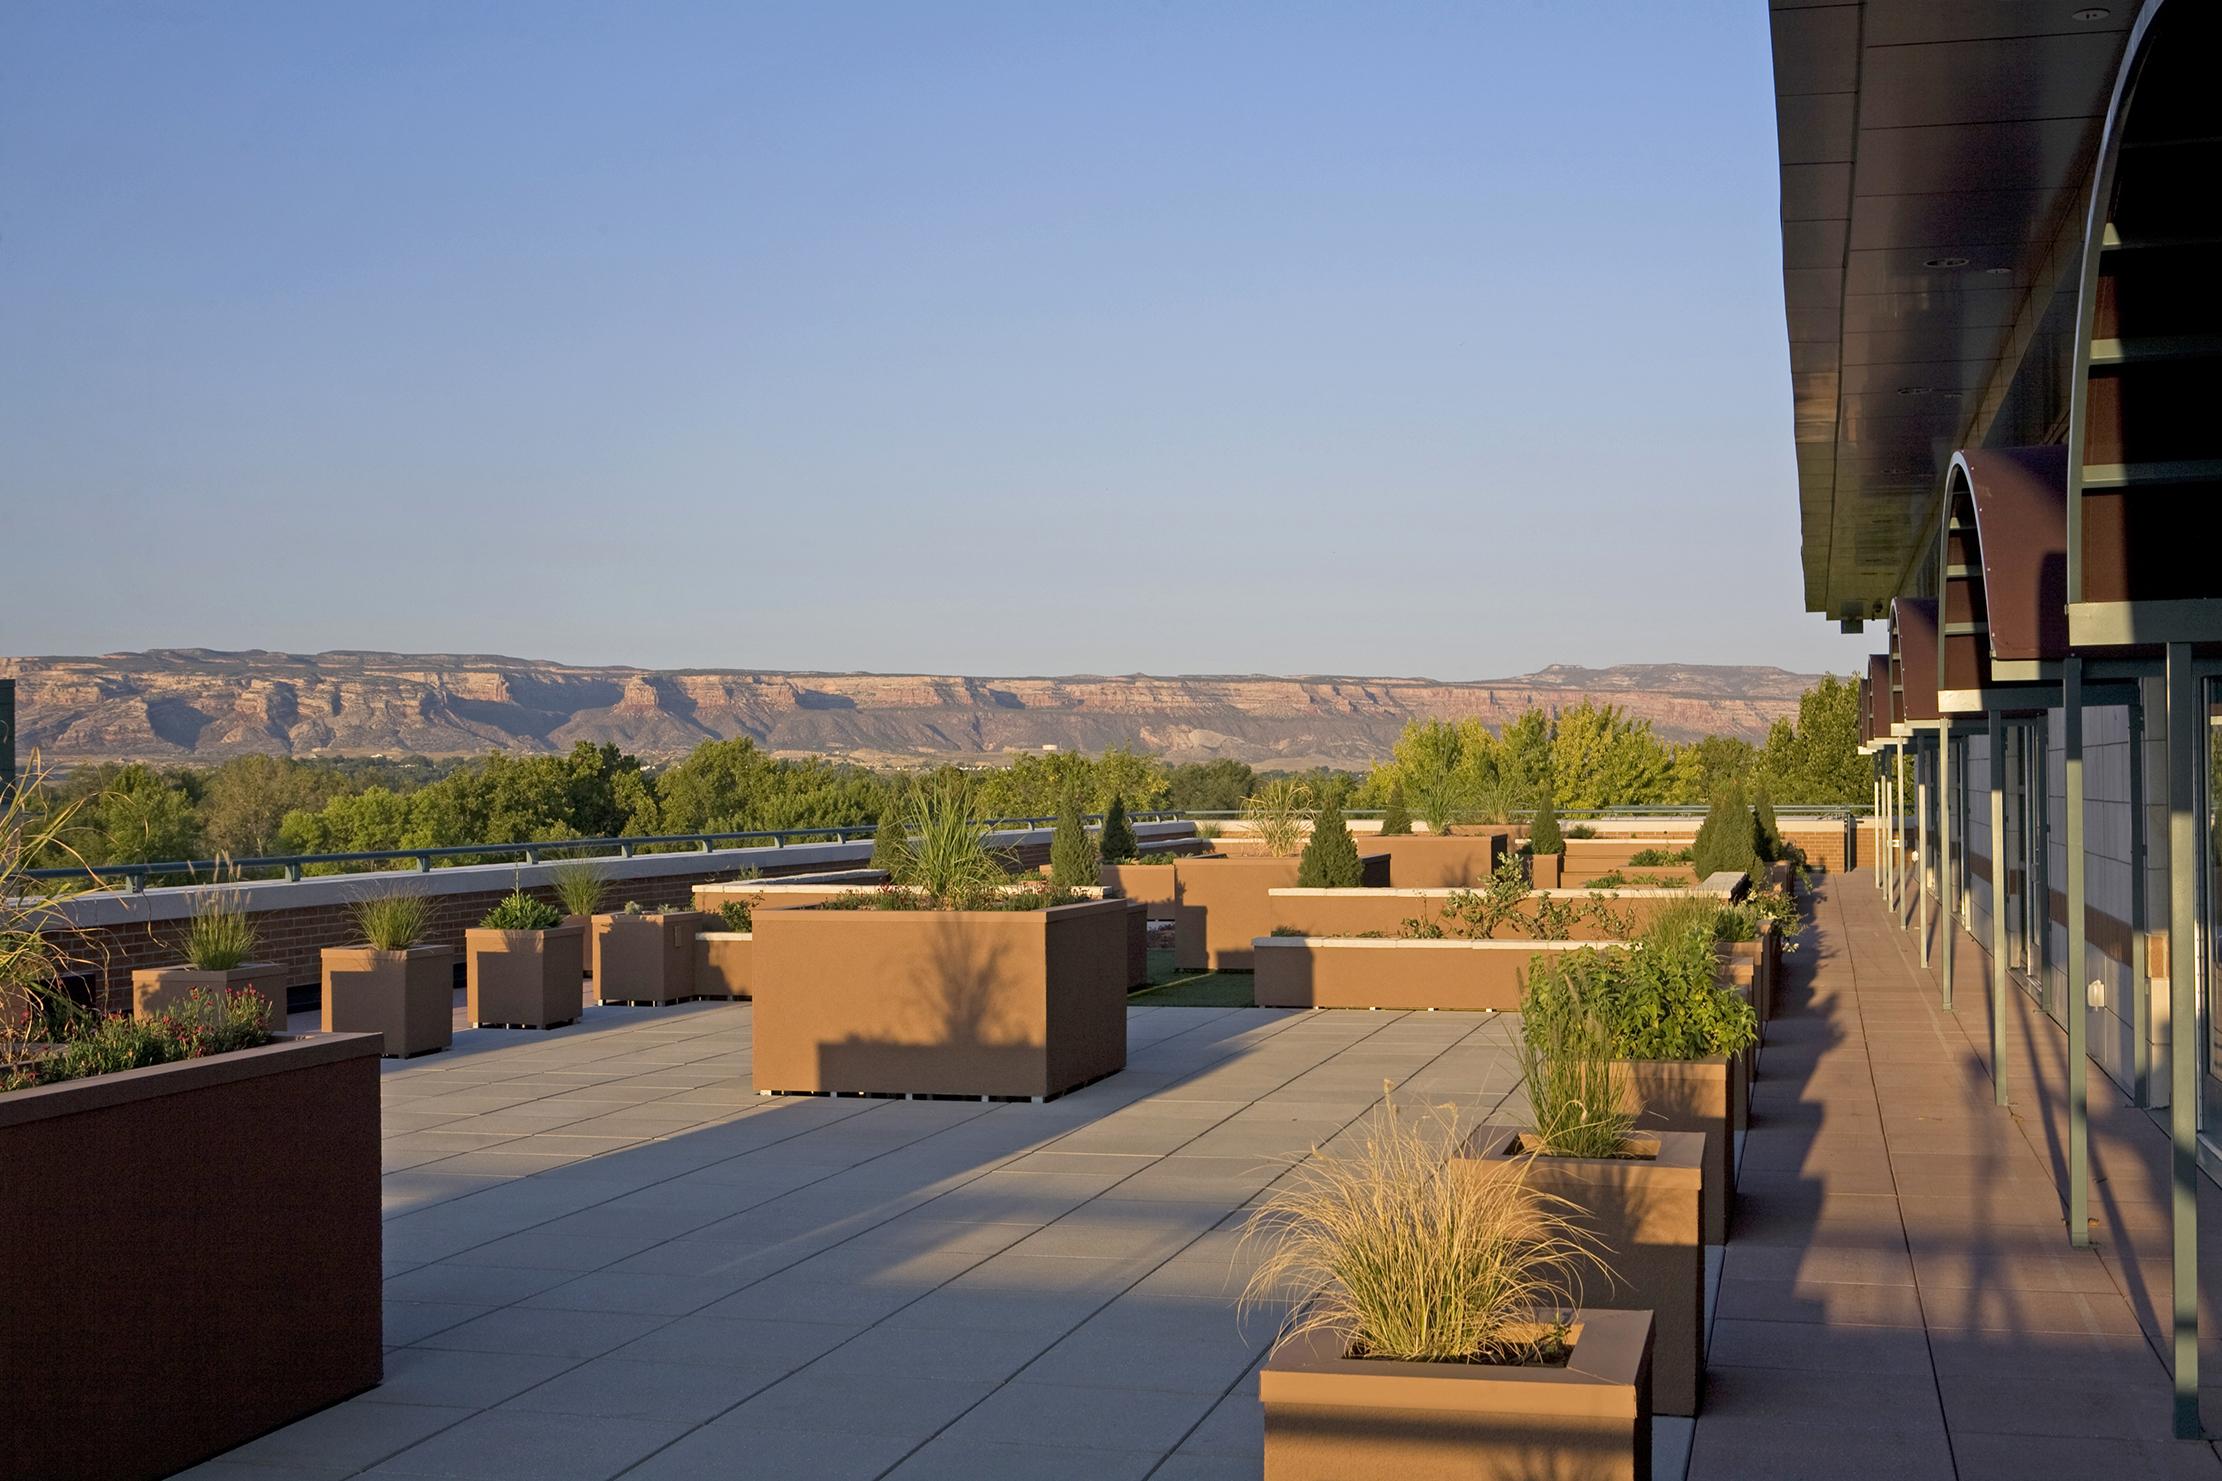 Dominguez Hall Rooftop Garden - Colorado Mesa University - Grand Junction, CO